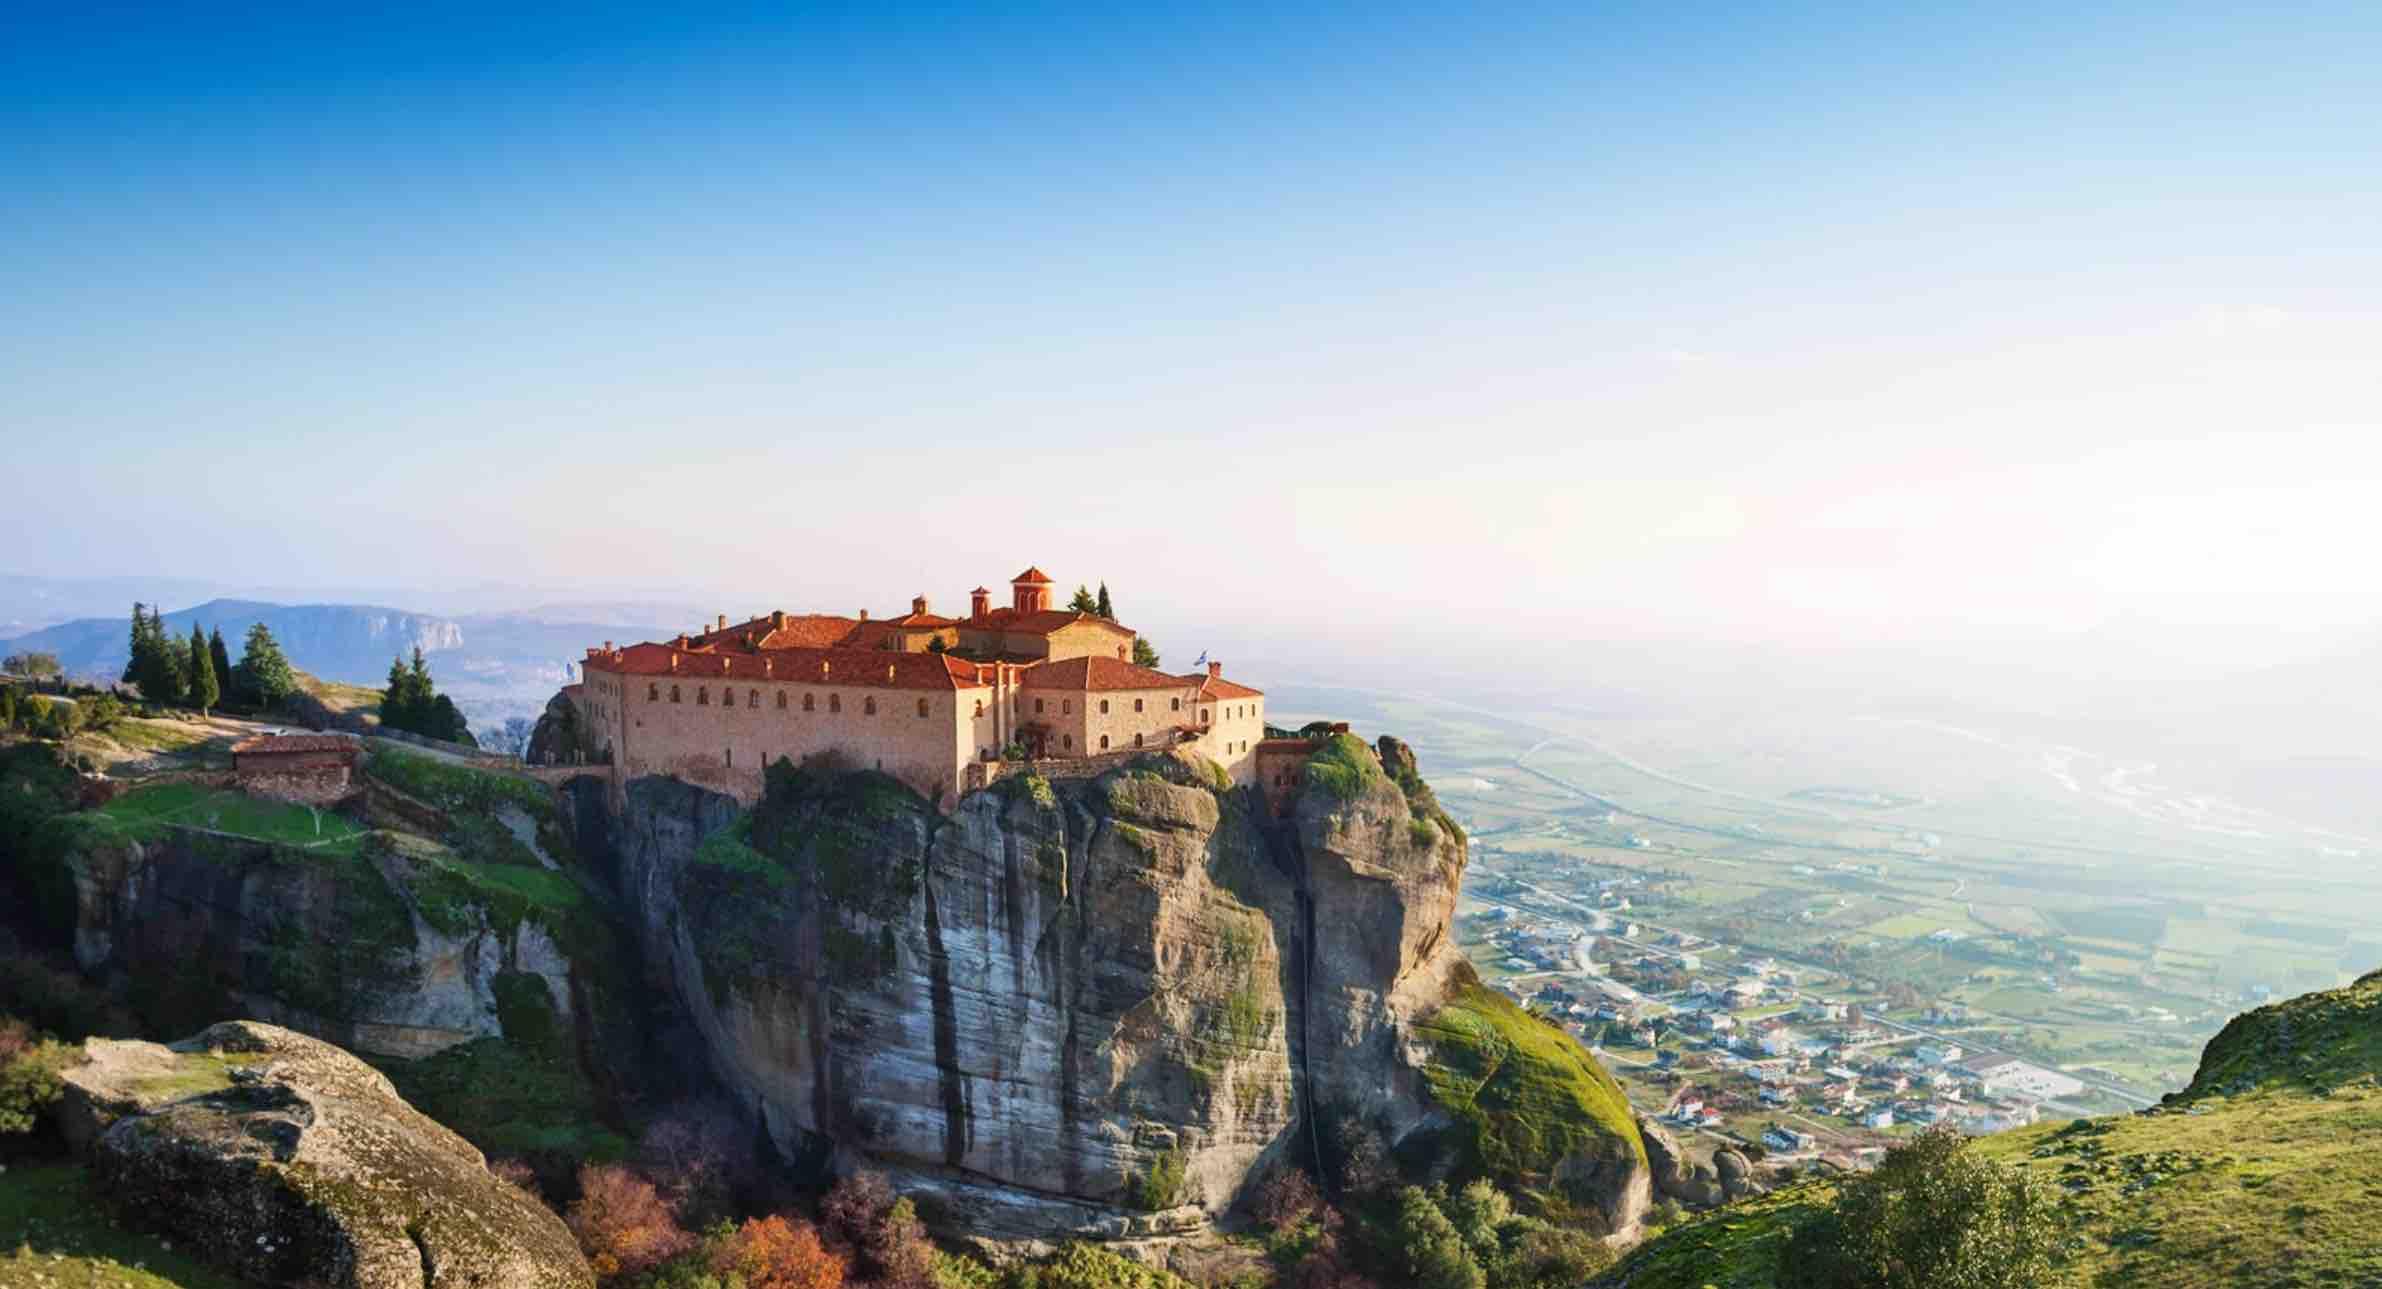 Rejsetilbud: Rundrejse i Grækenland